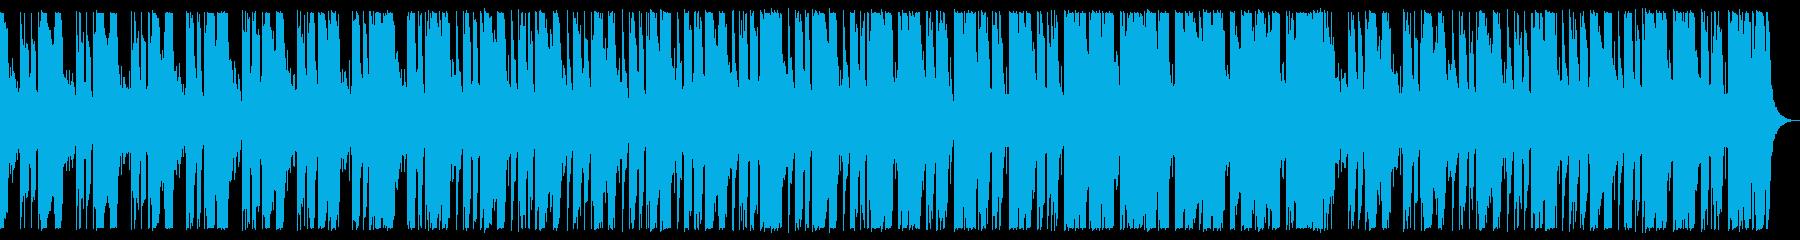 ベースとドラム中心のダークなBGMの再生済みの波形